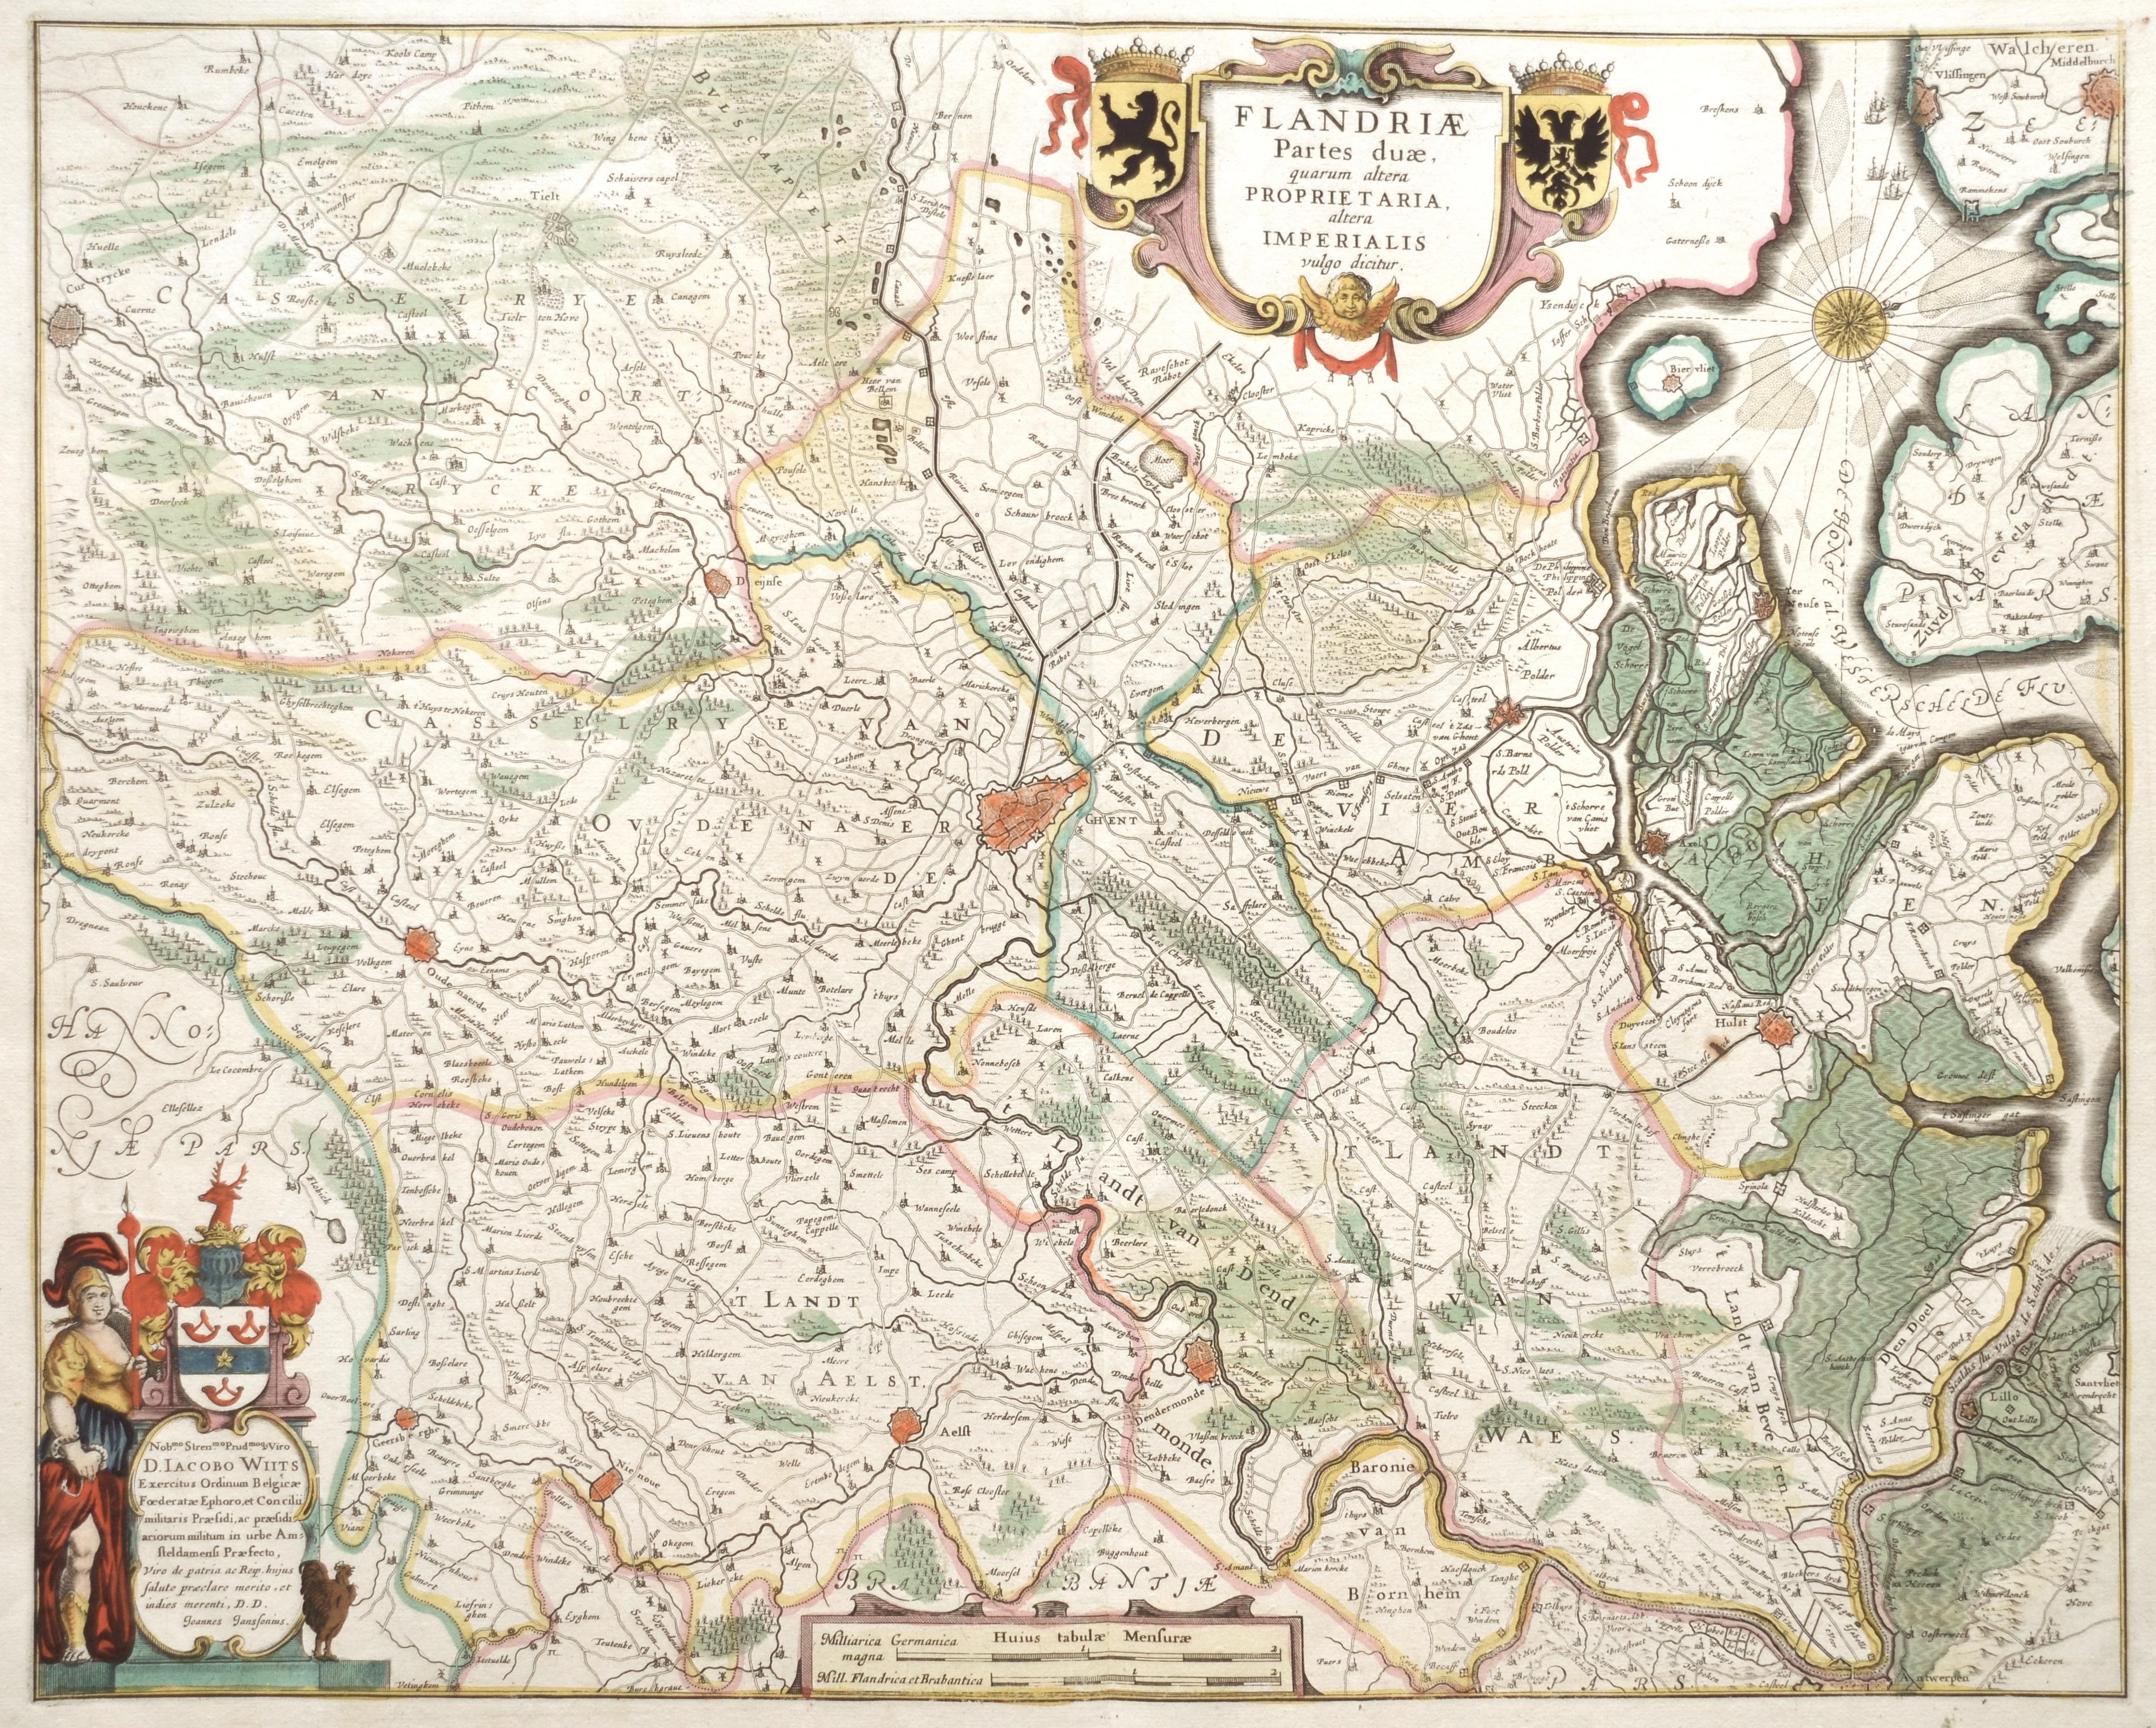 Janssonius Johann Flandriae Partes duae, quarum altera Proprietaria, altera Imperialis vulgo dicitur,